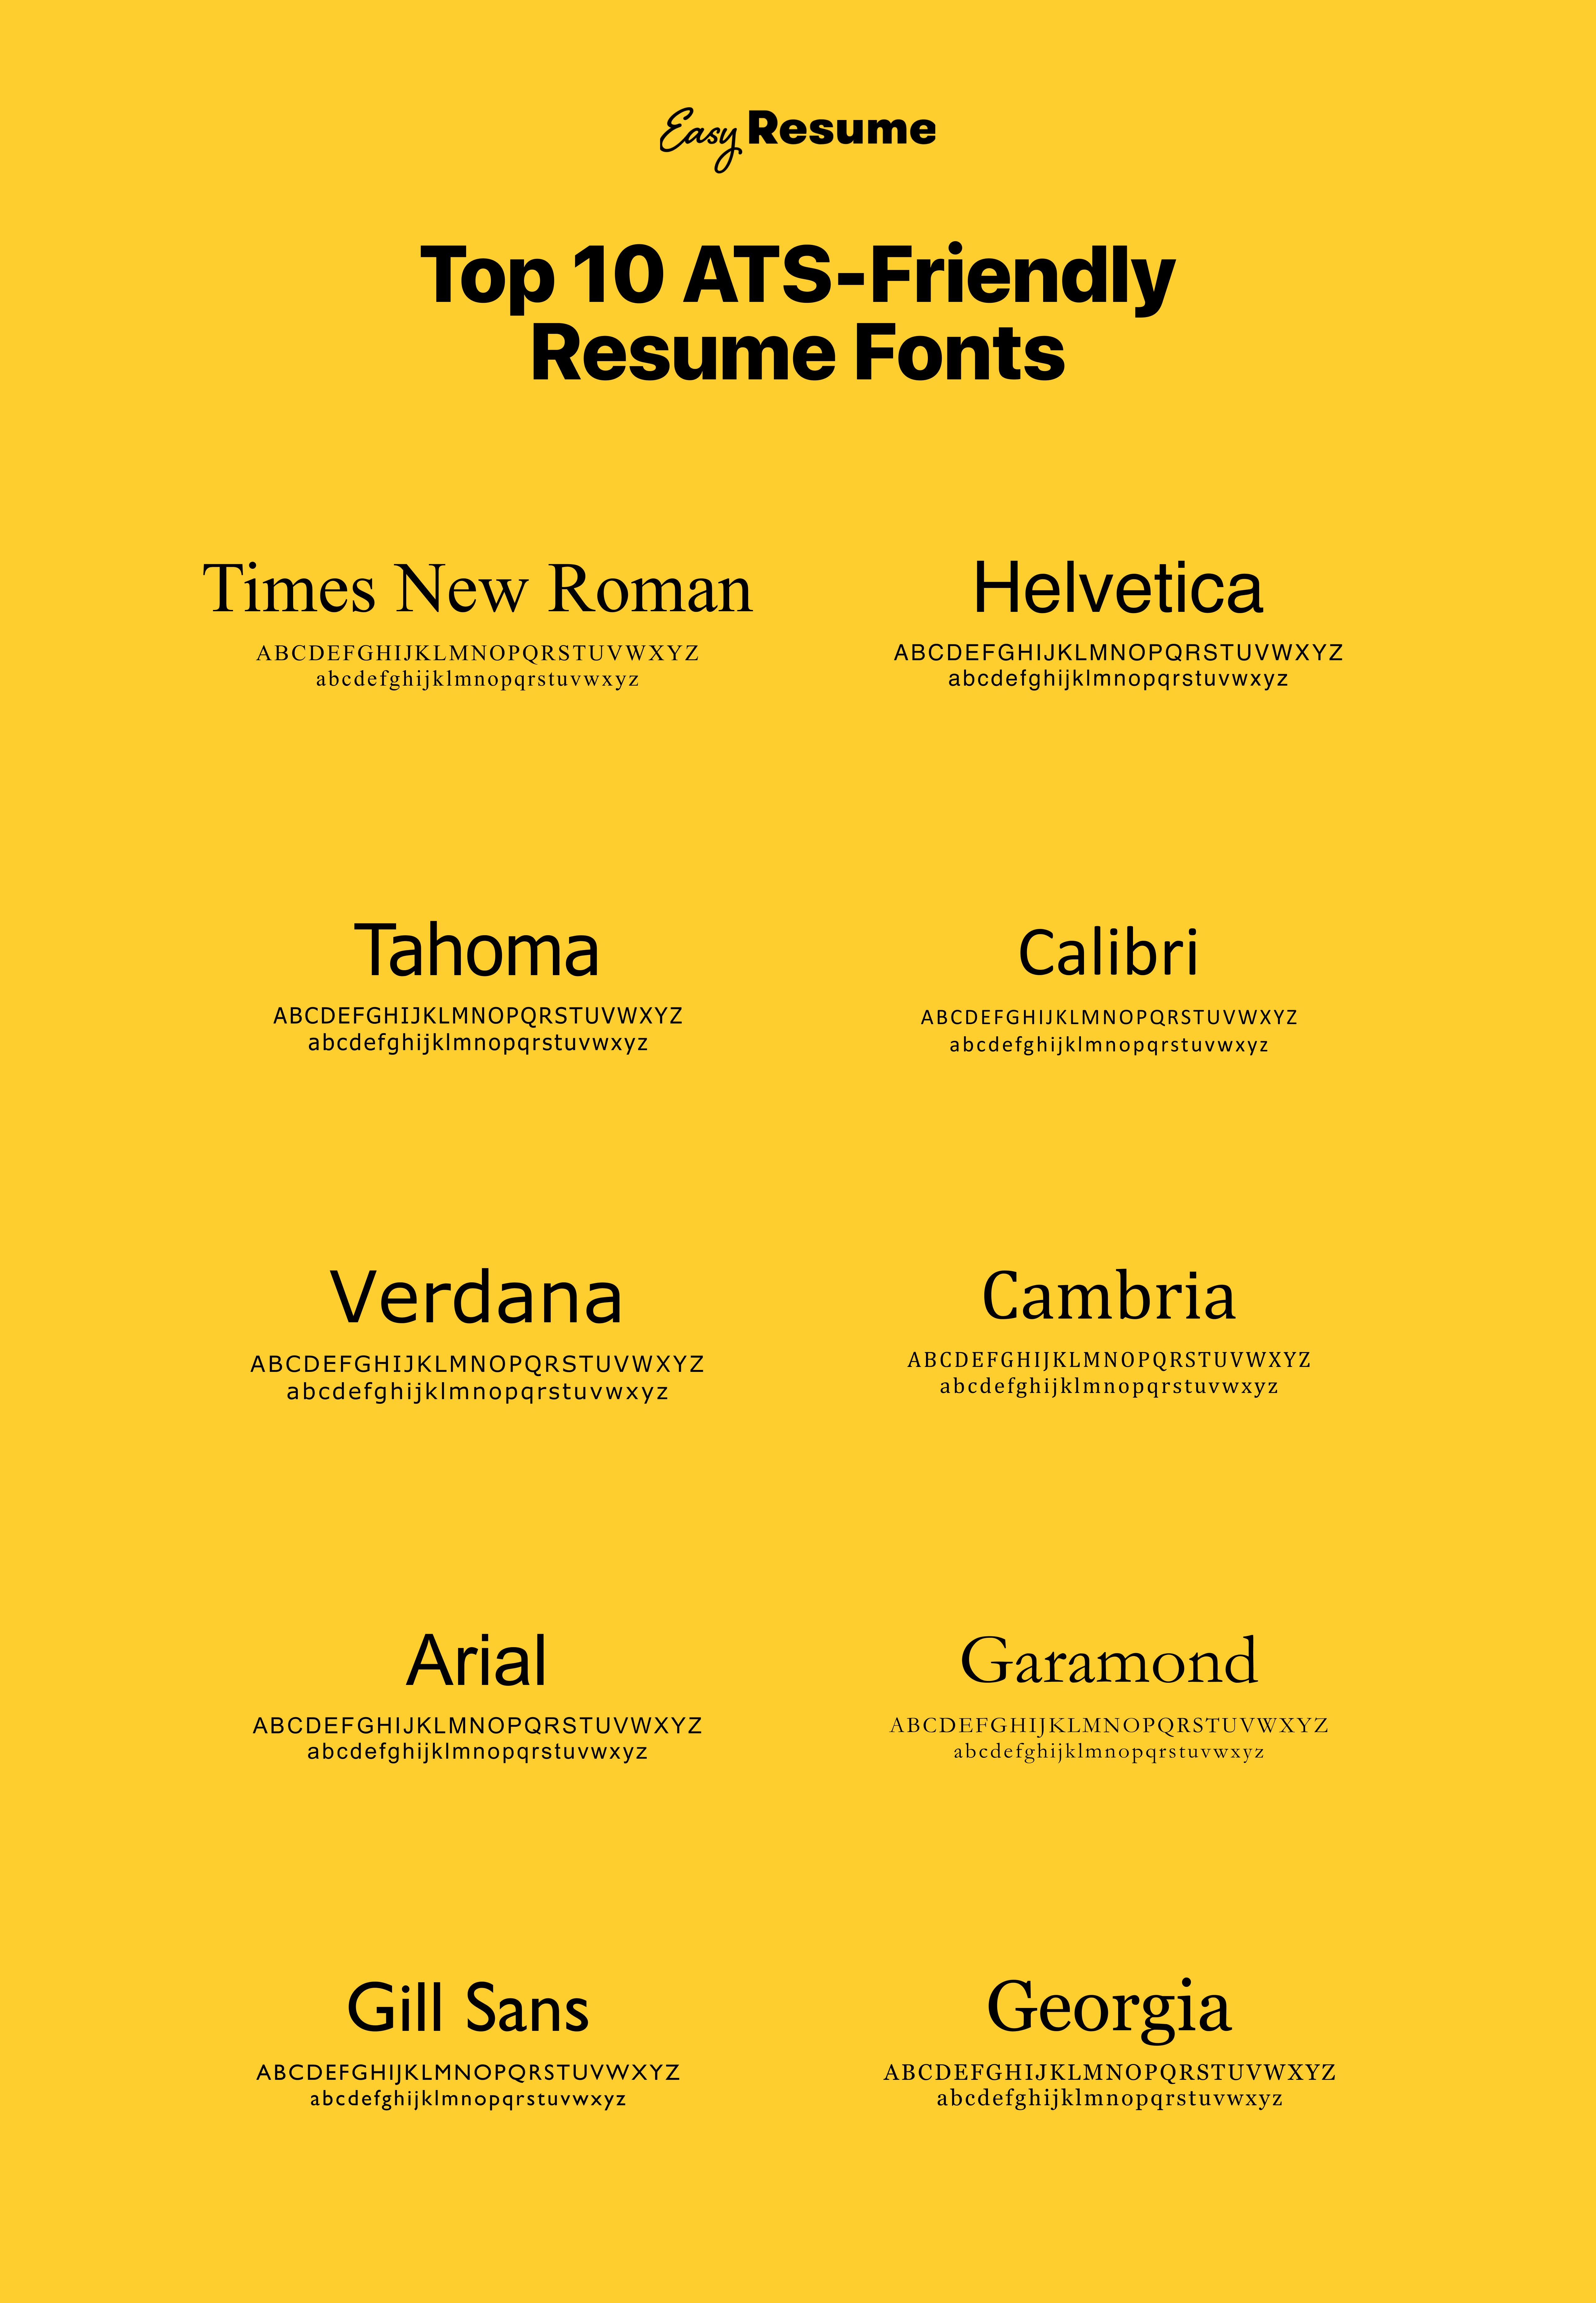 Top 10 ATS Friendly Resume Fonts